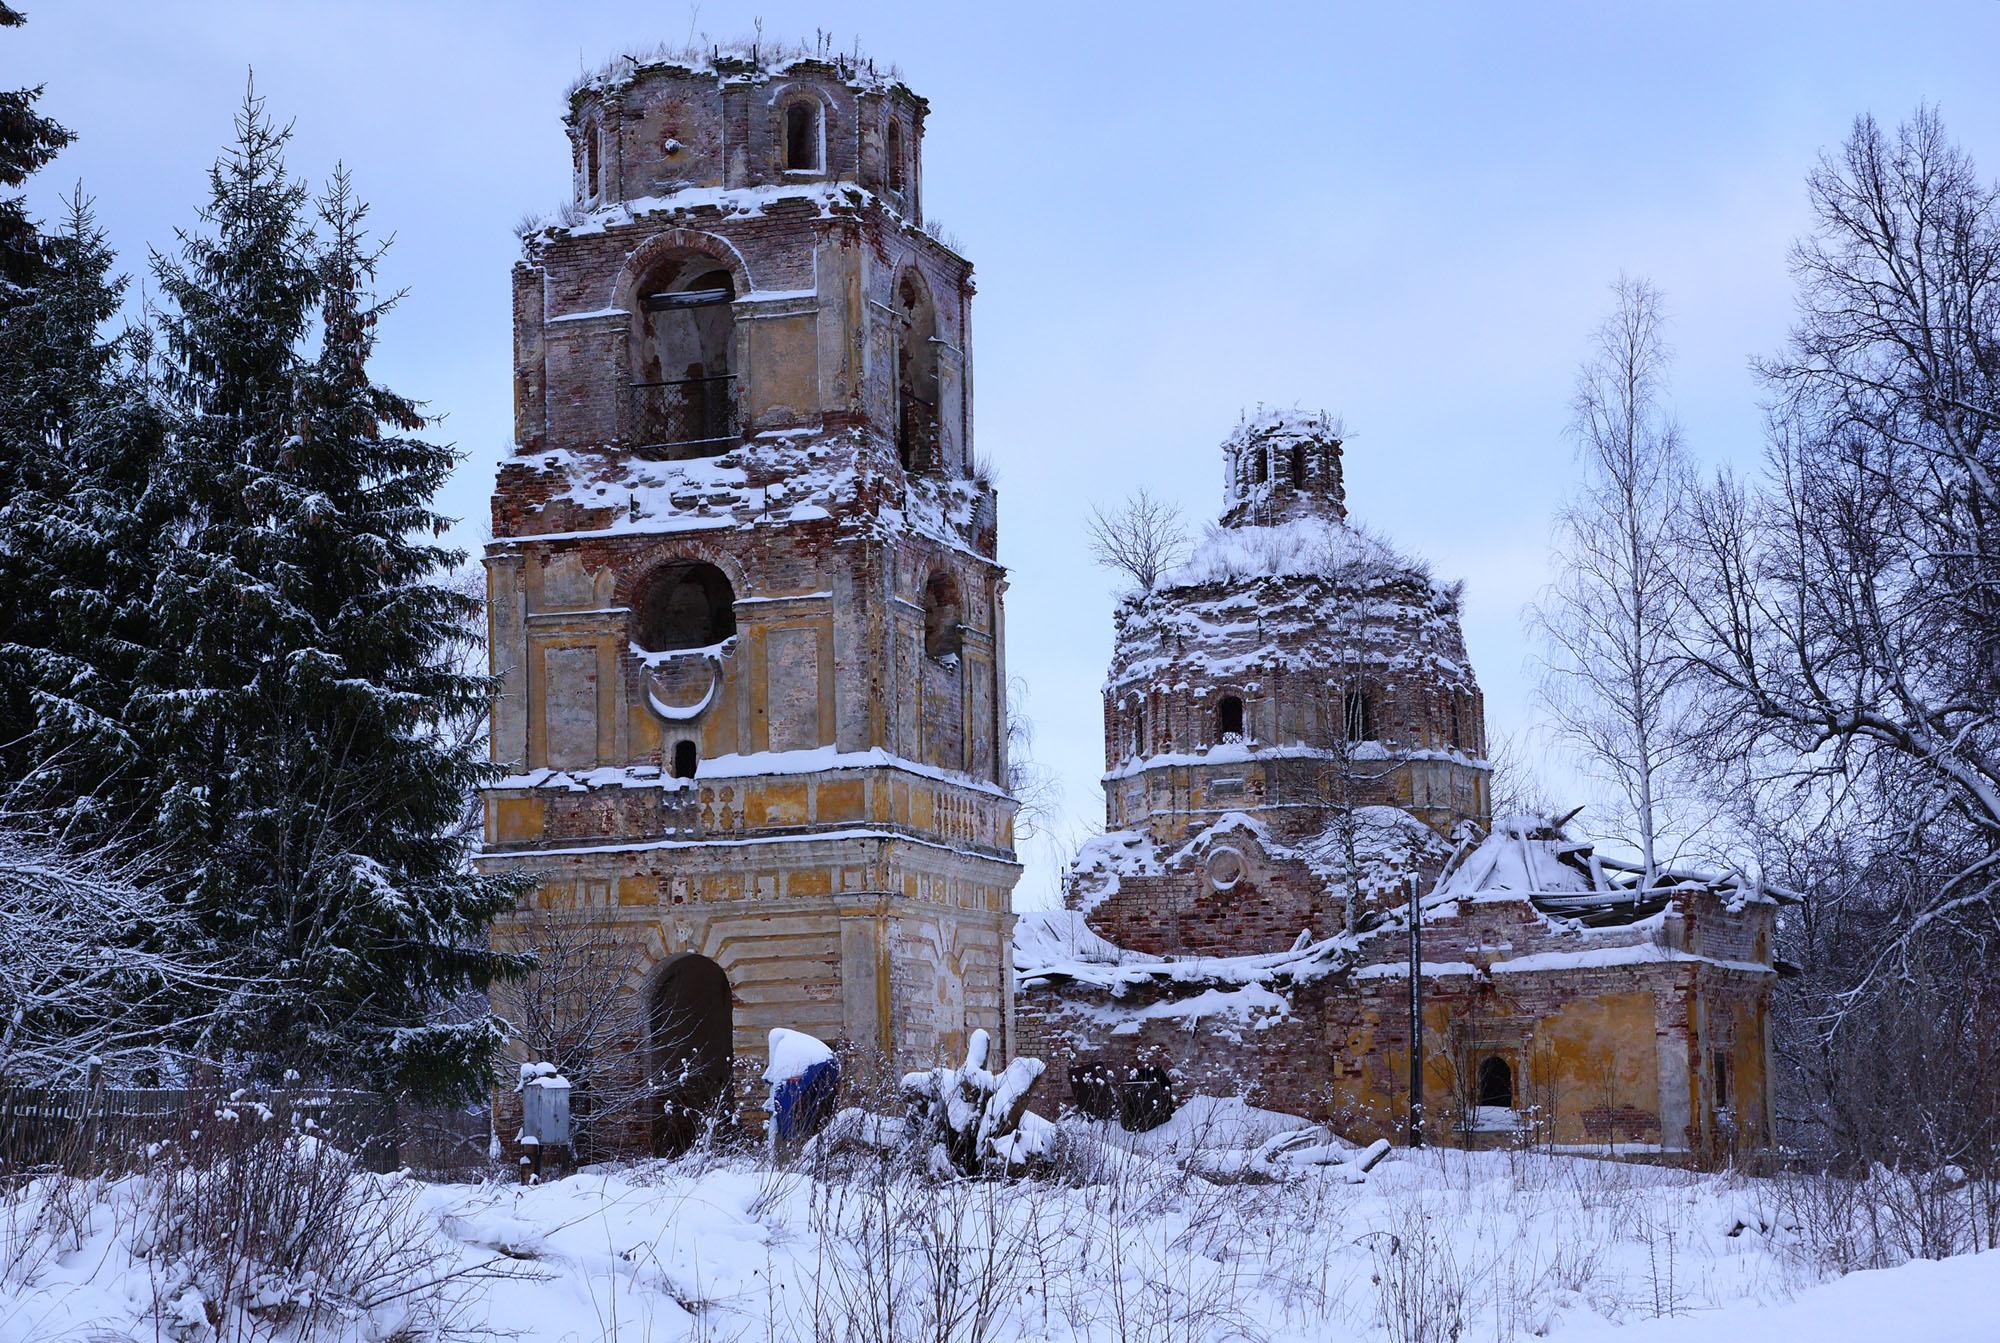 Д. Новое, Бежаницкий район, Псковская область. Церковь Успенская.